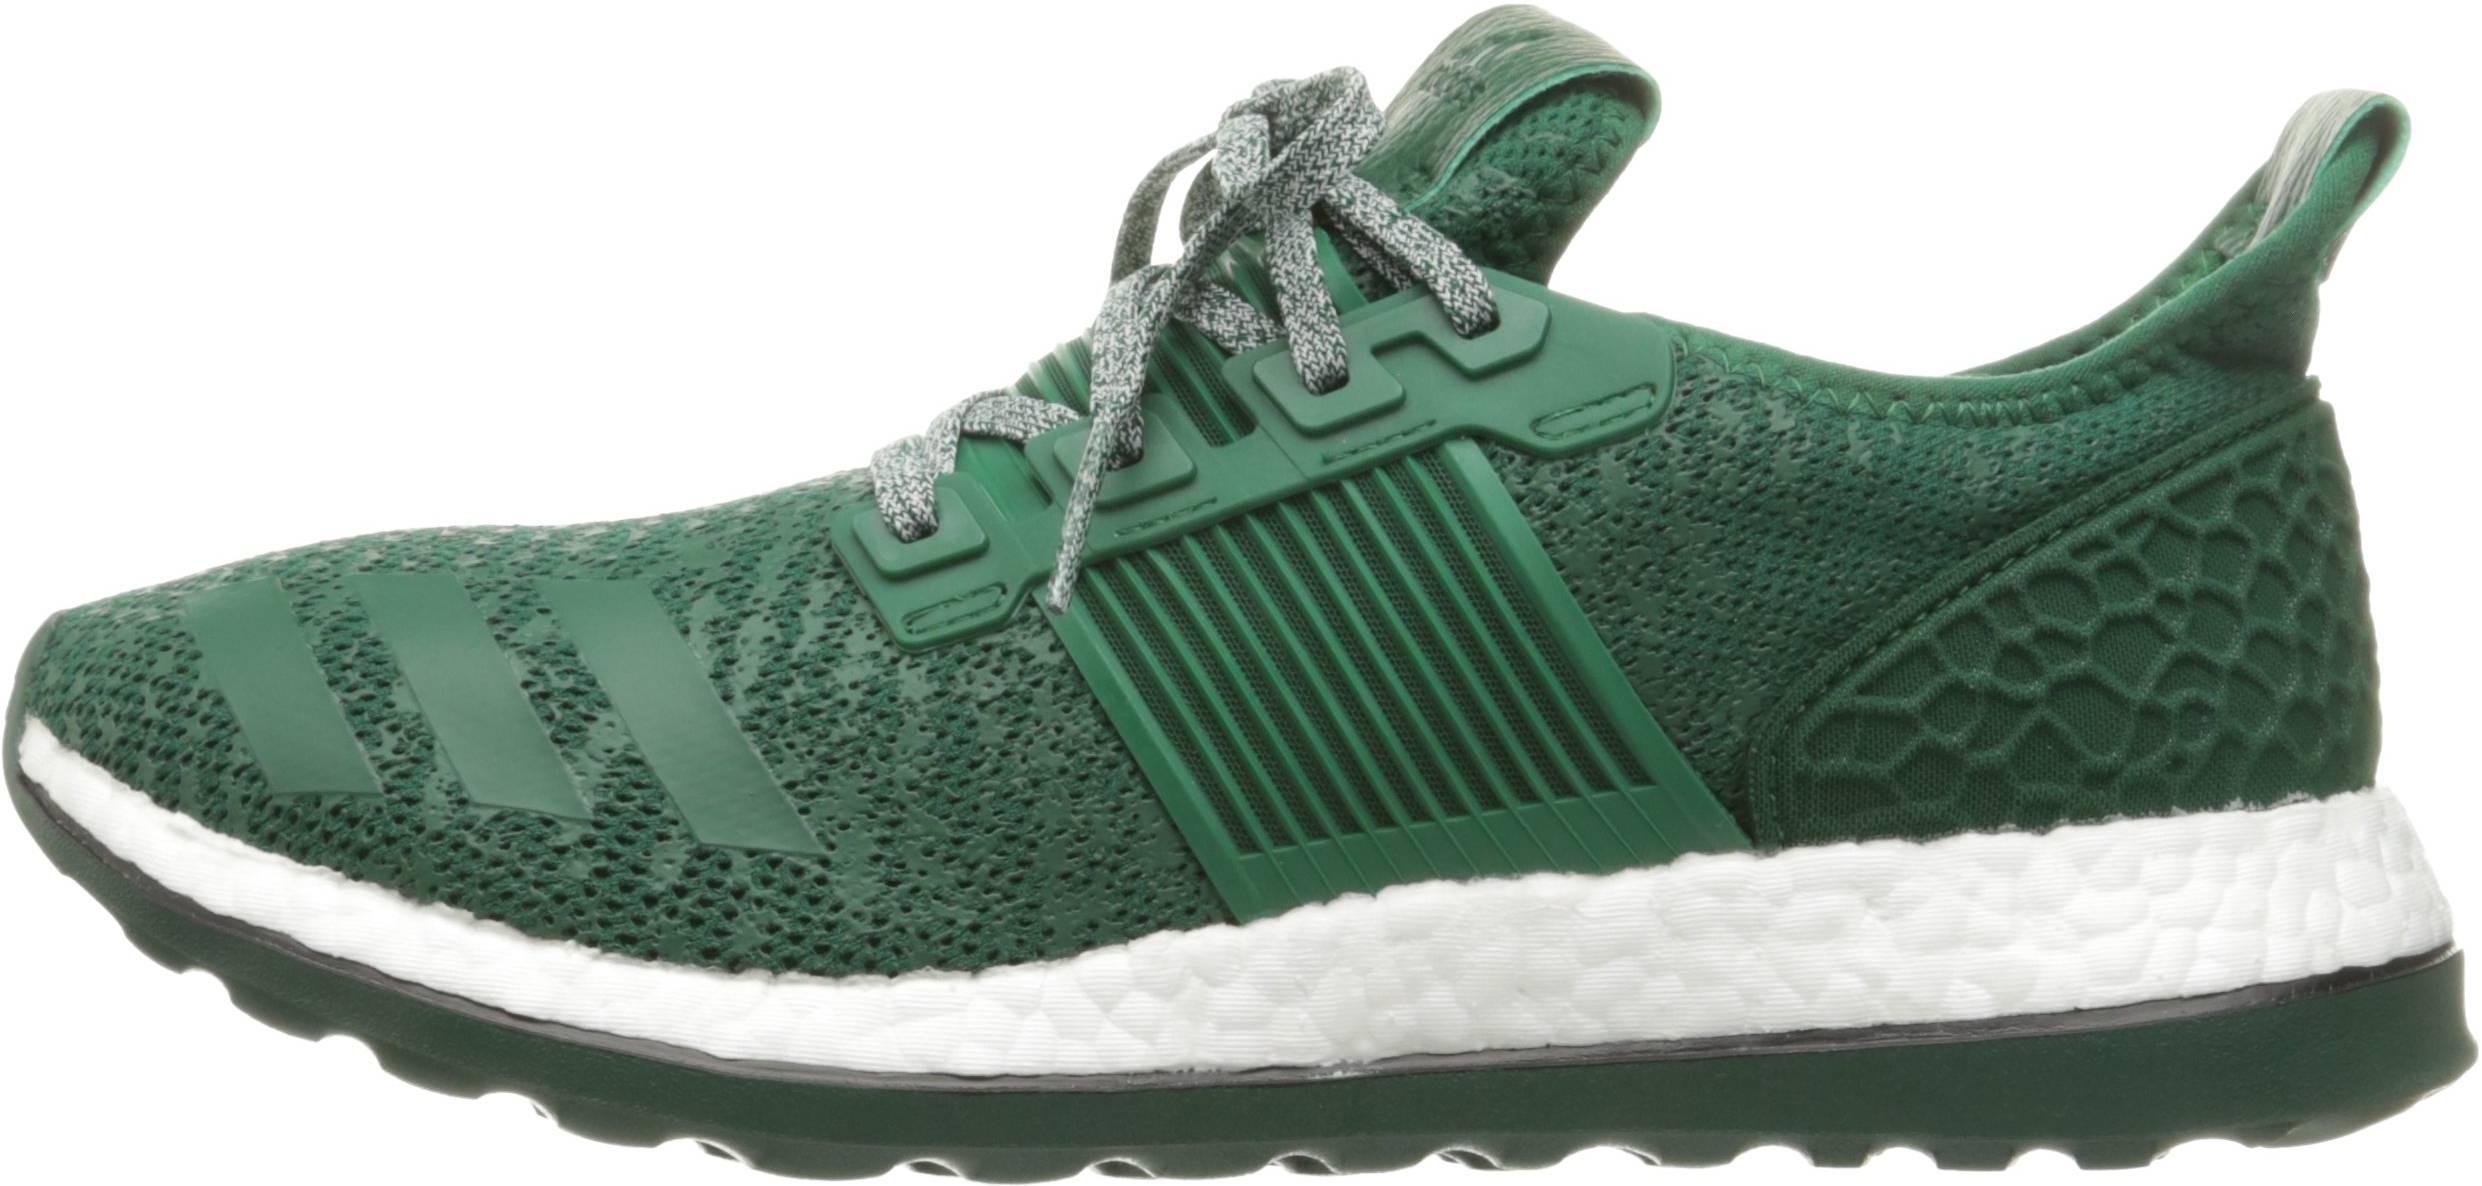 Adidas Pureboost ZG